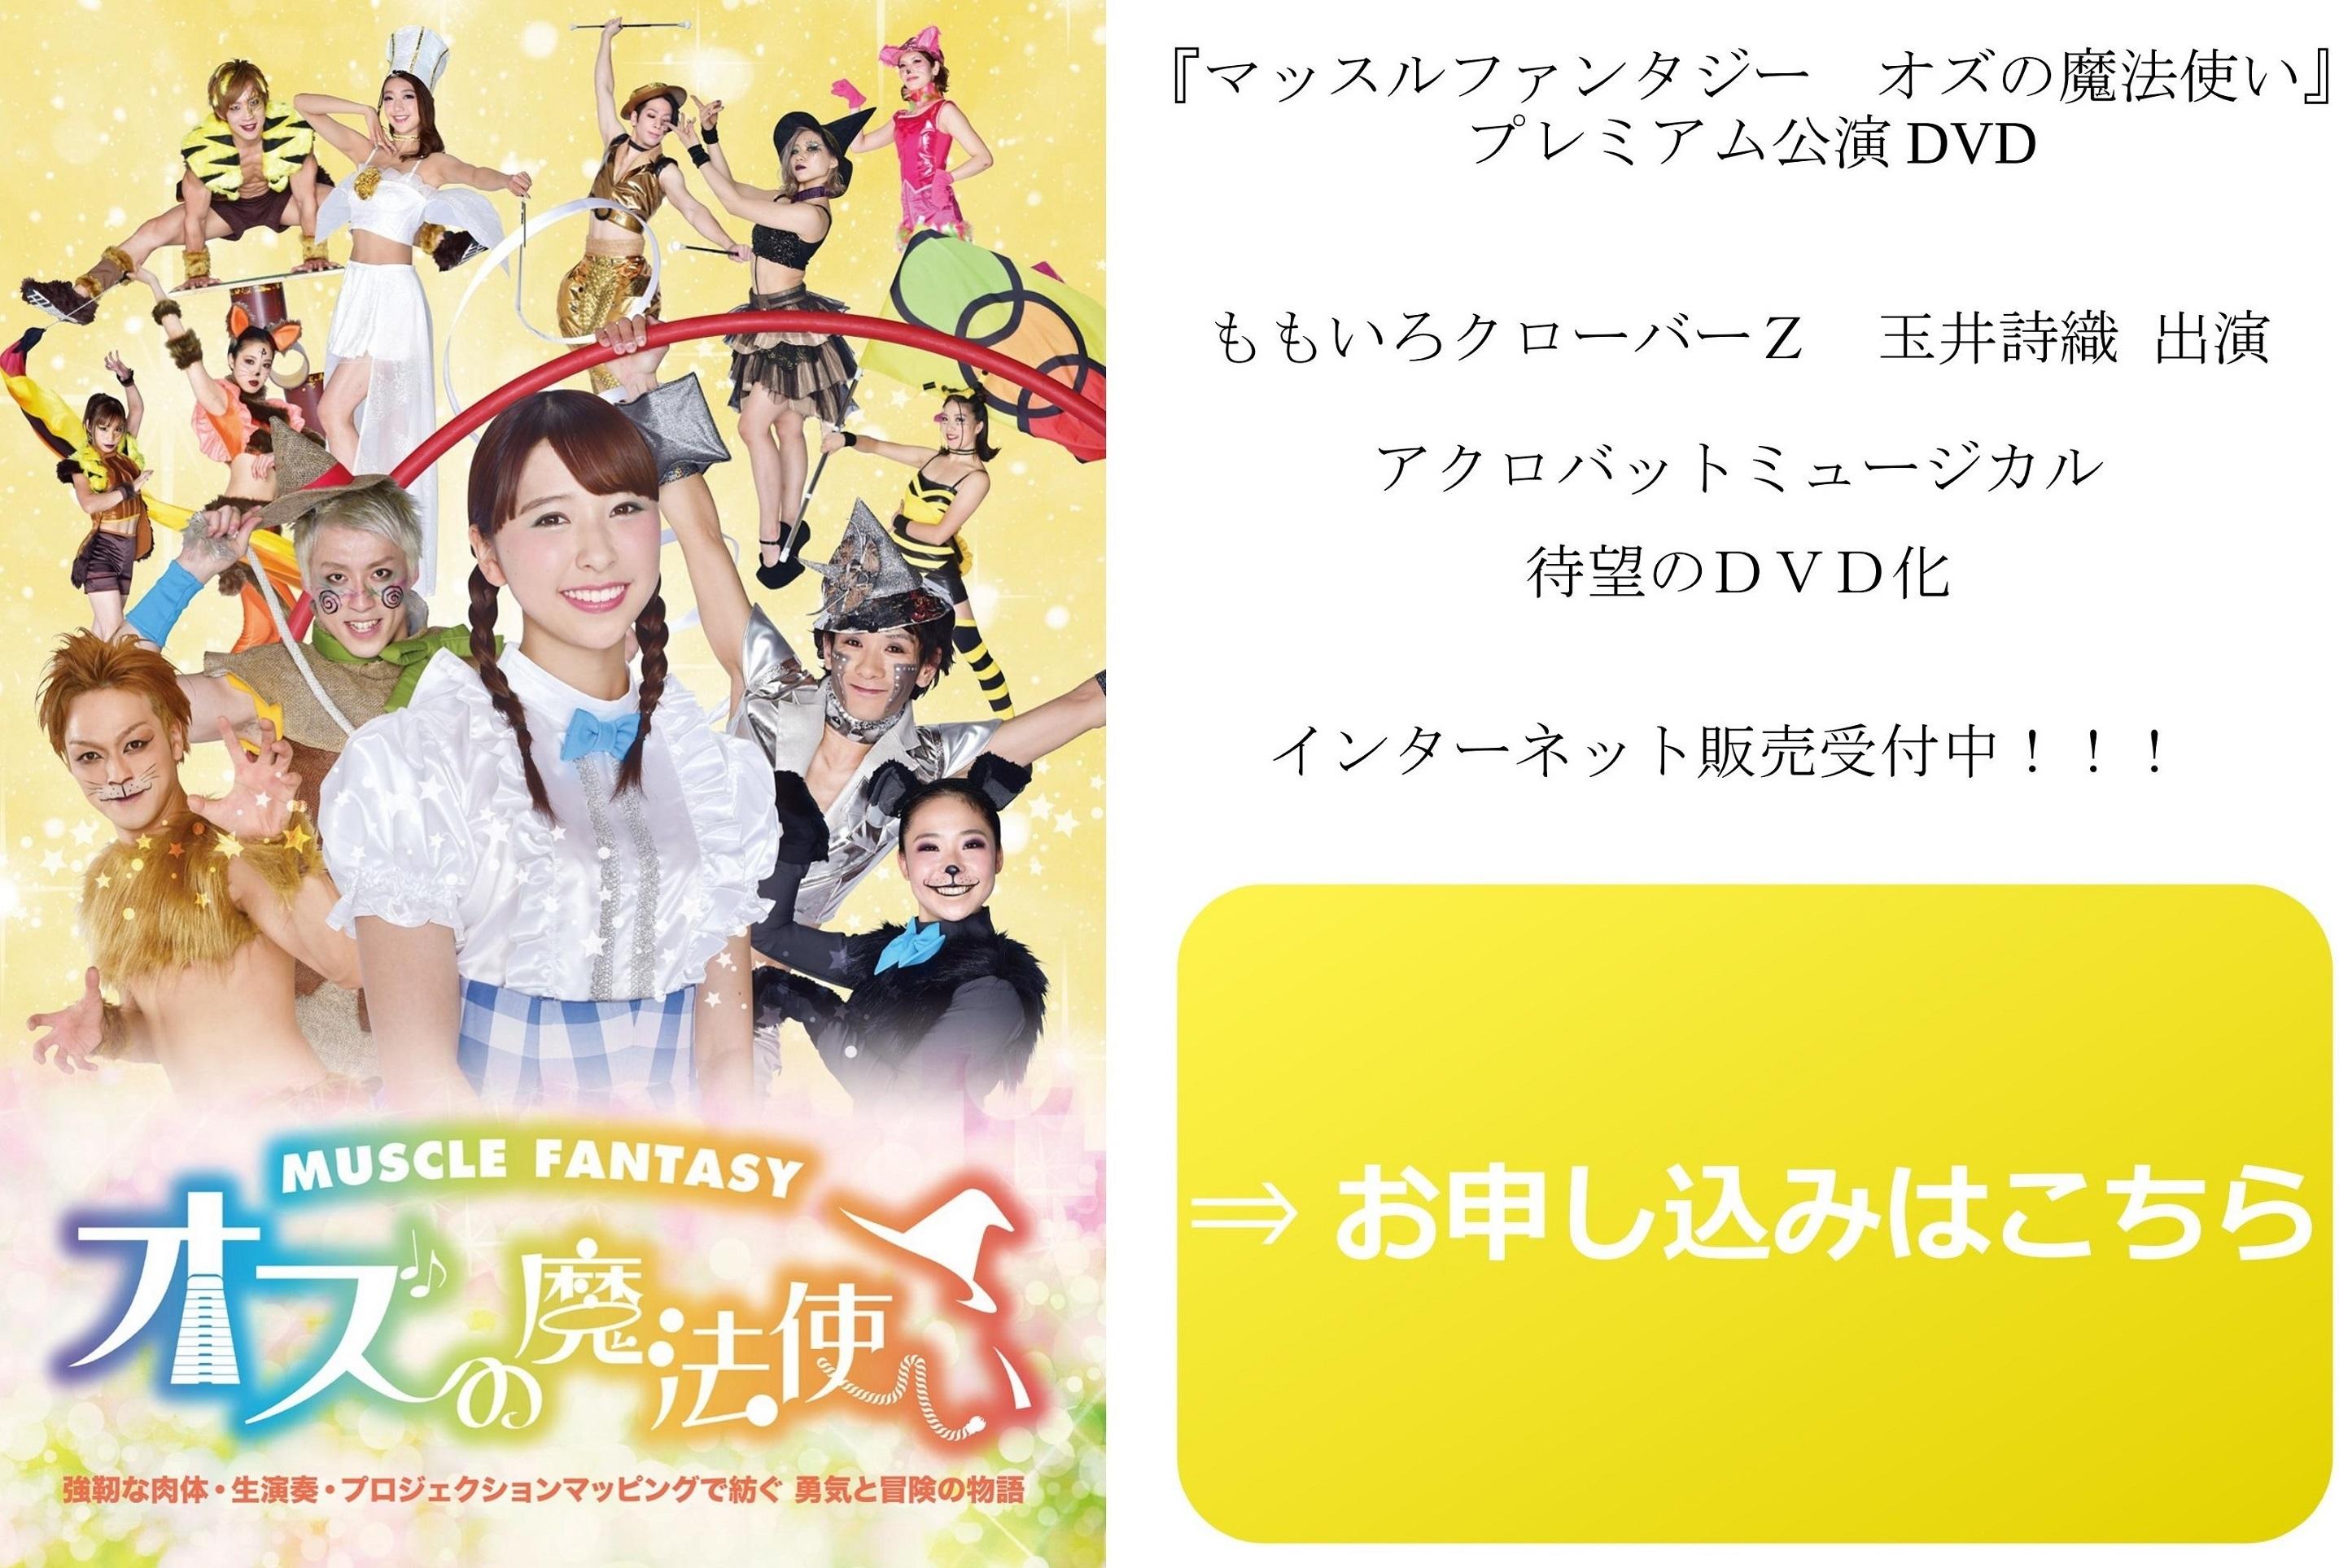 スライドショー③ DVD受付